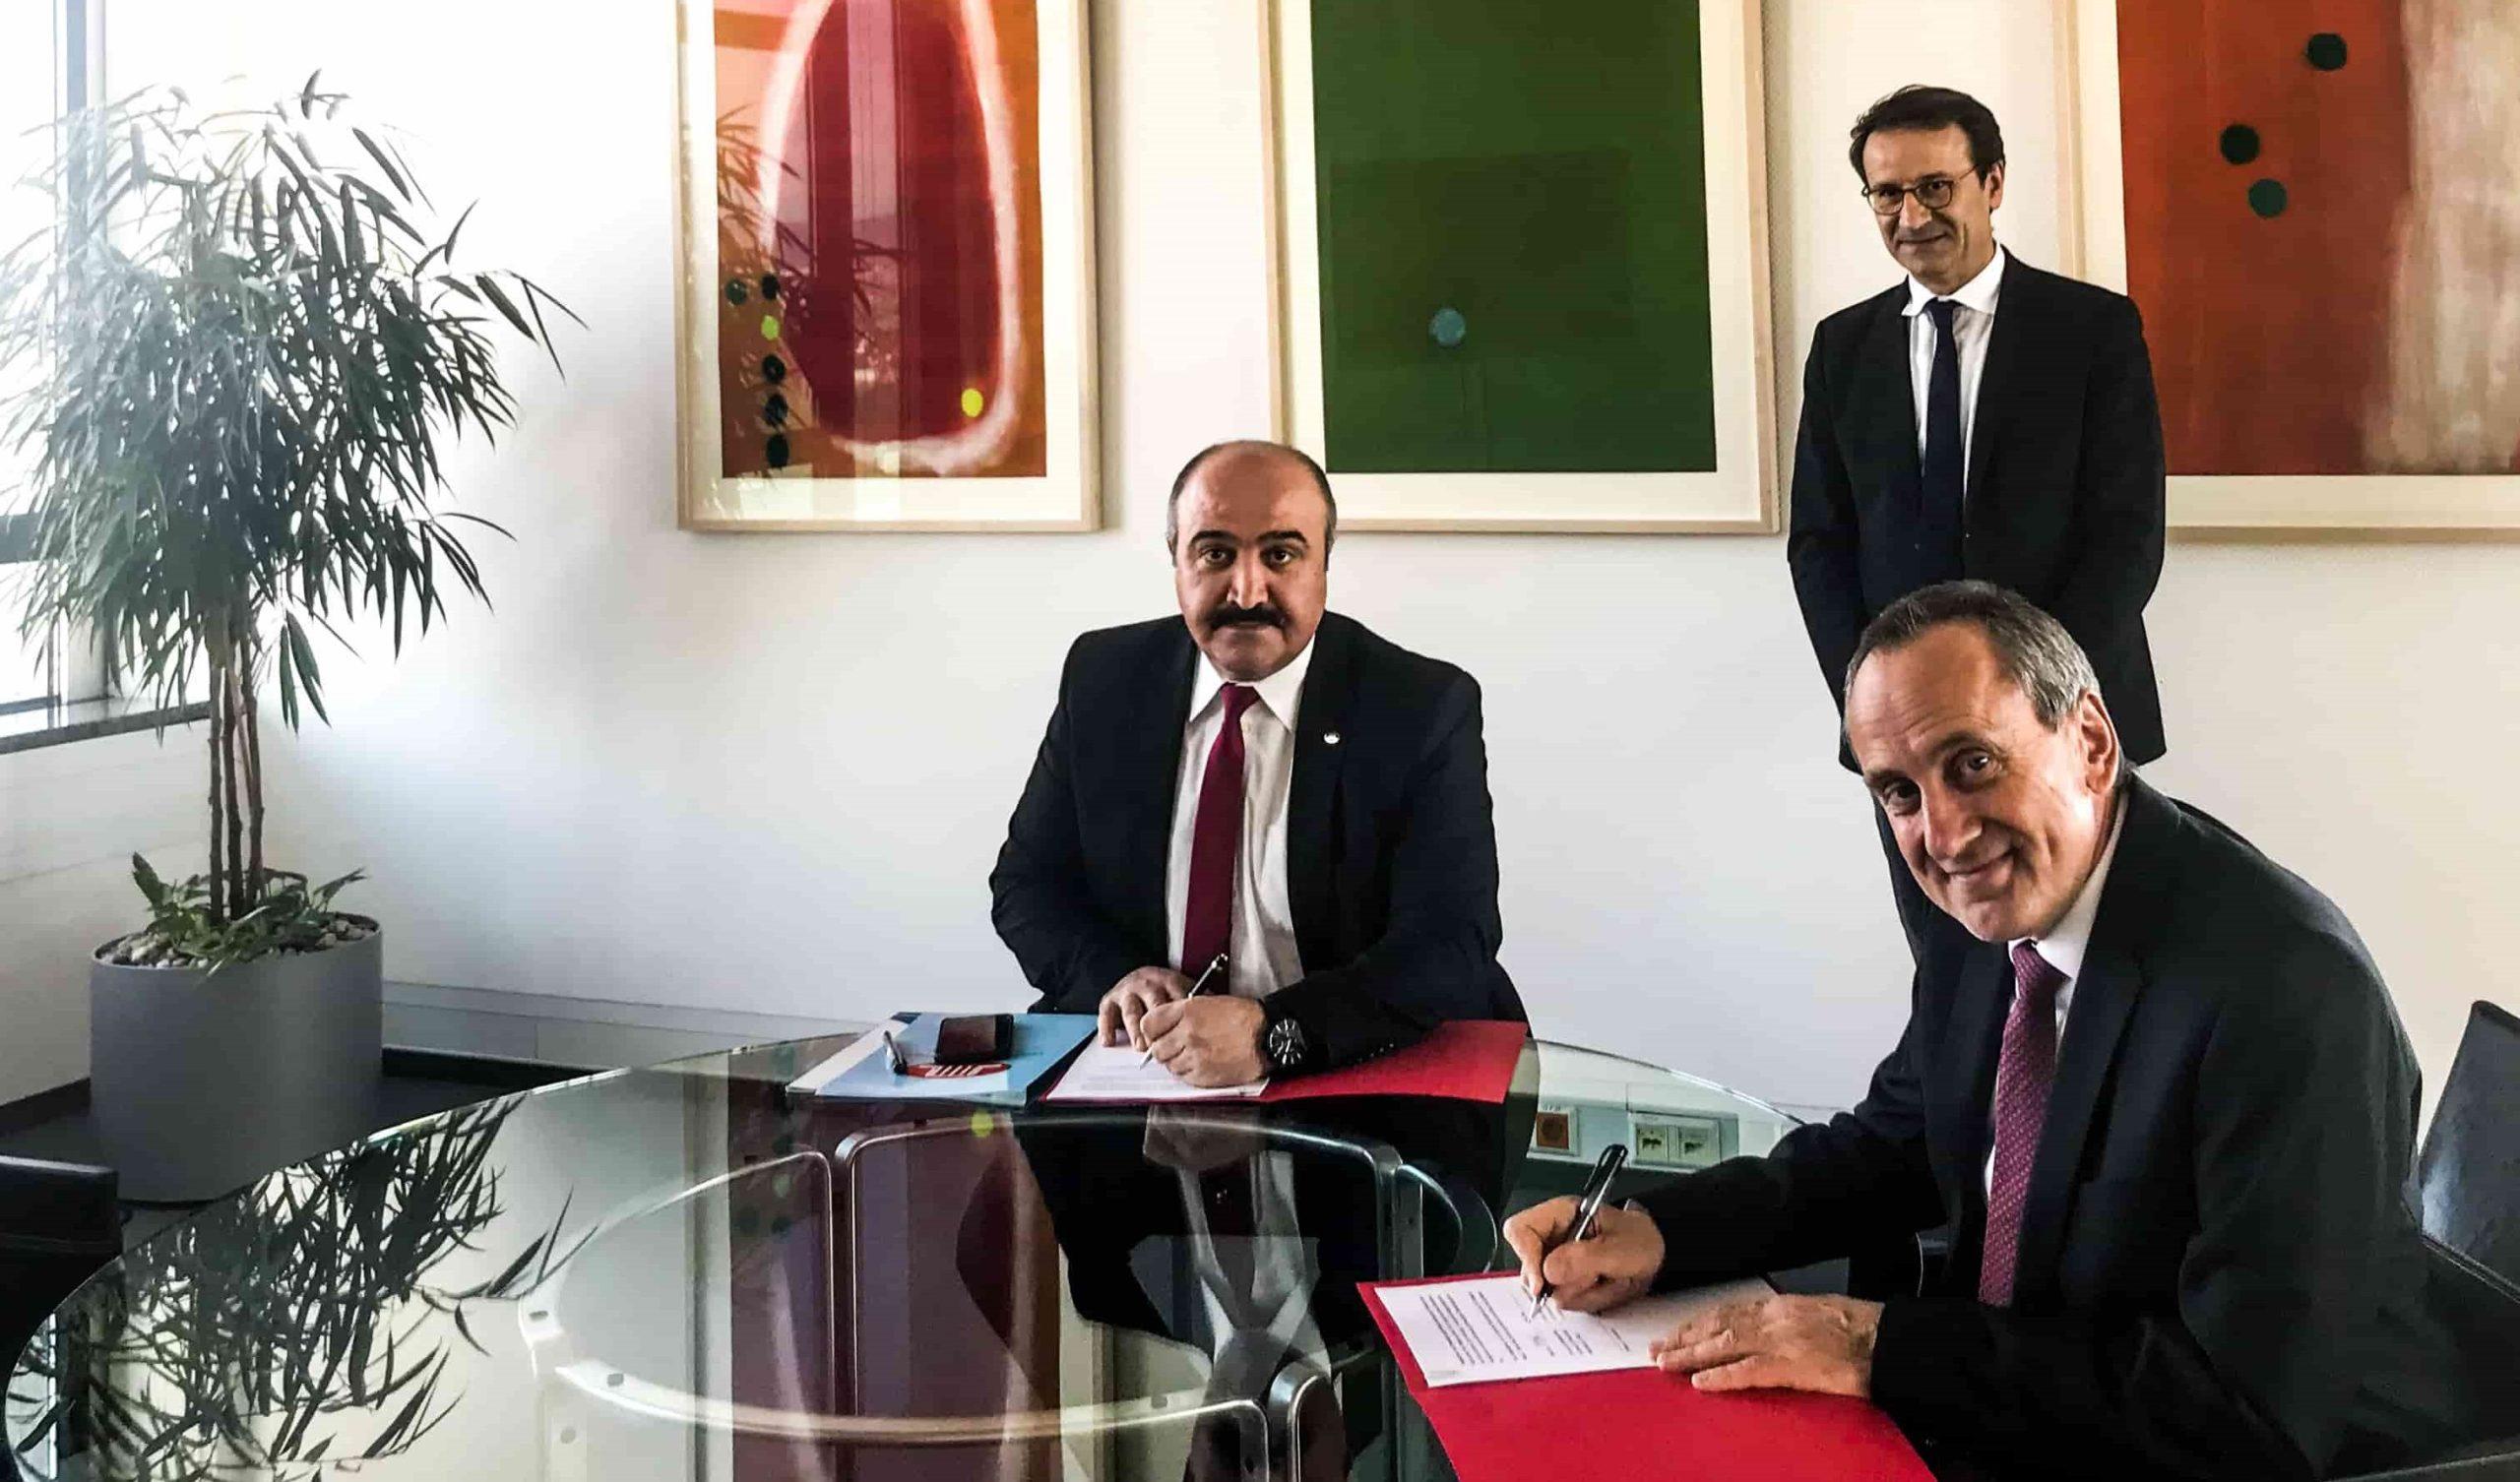 Rheinland-Pfalz Eyaleti 'DİTİB'in Dini Cemaat Statüsünün Tanınması' hedef anlaşmasını imzaladı